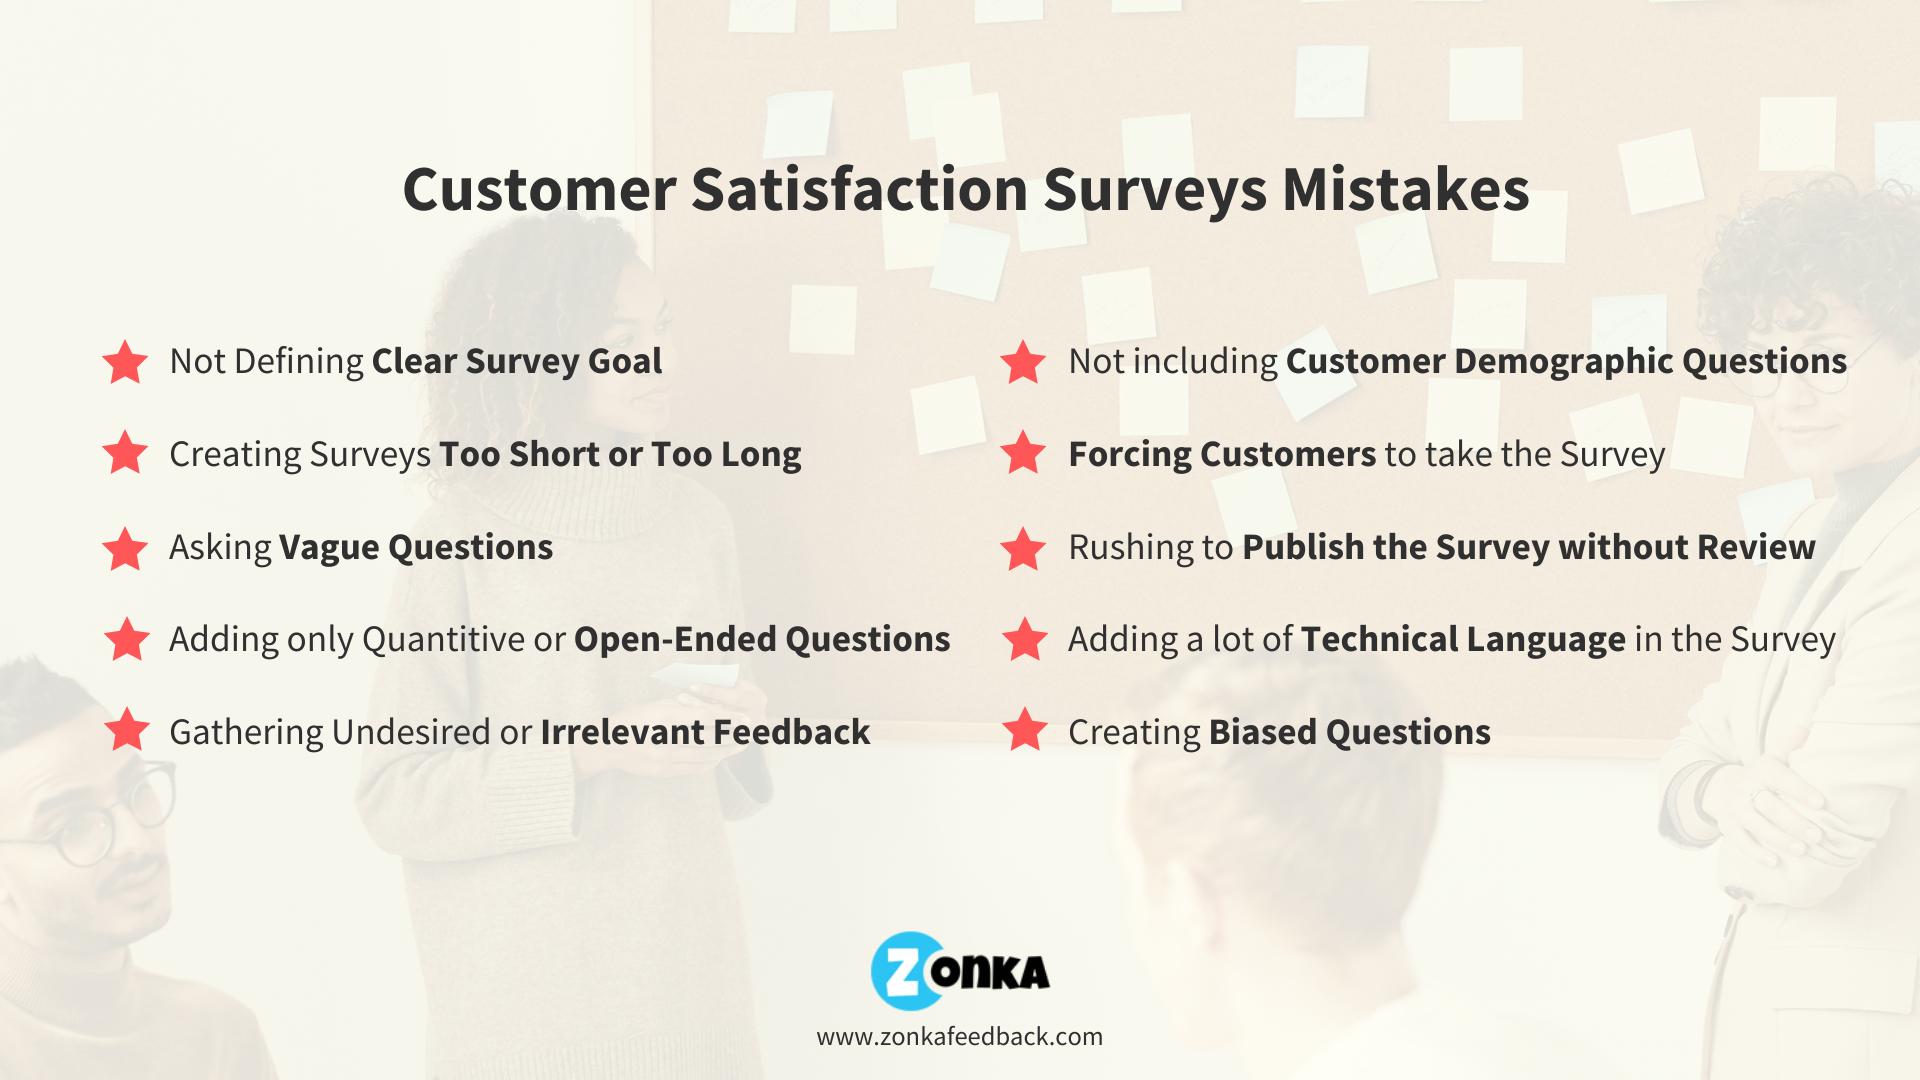 10 Customer Satisfaction Surveys Mistakes to Avoid-1